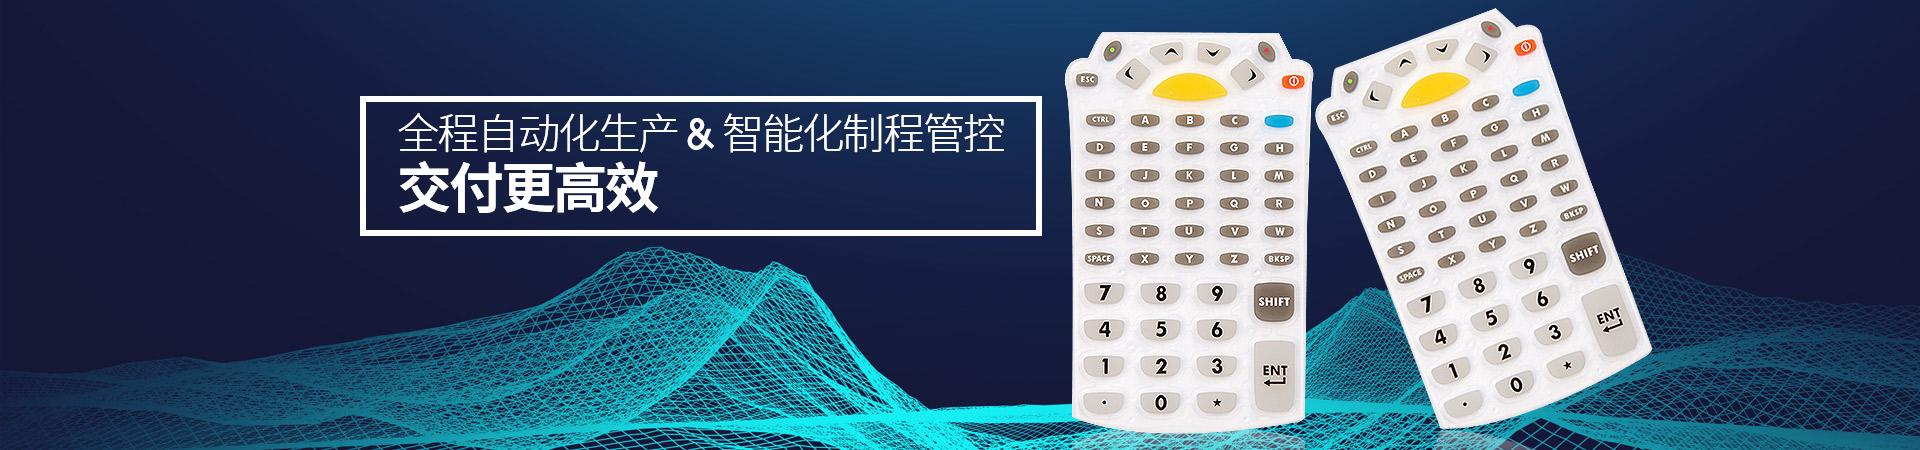 深圳根源-全程自动化生产,智能化制程管控,交付更高效